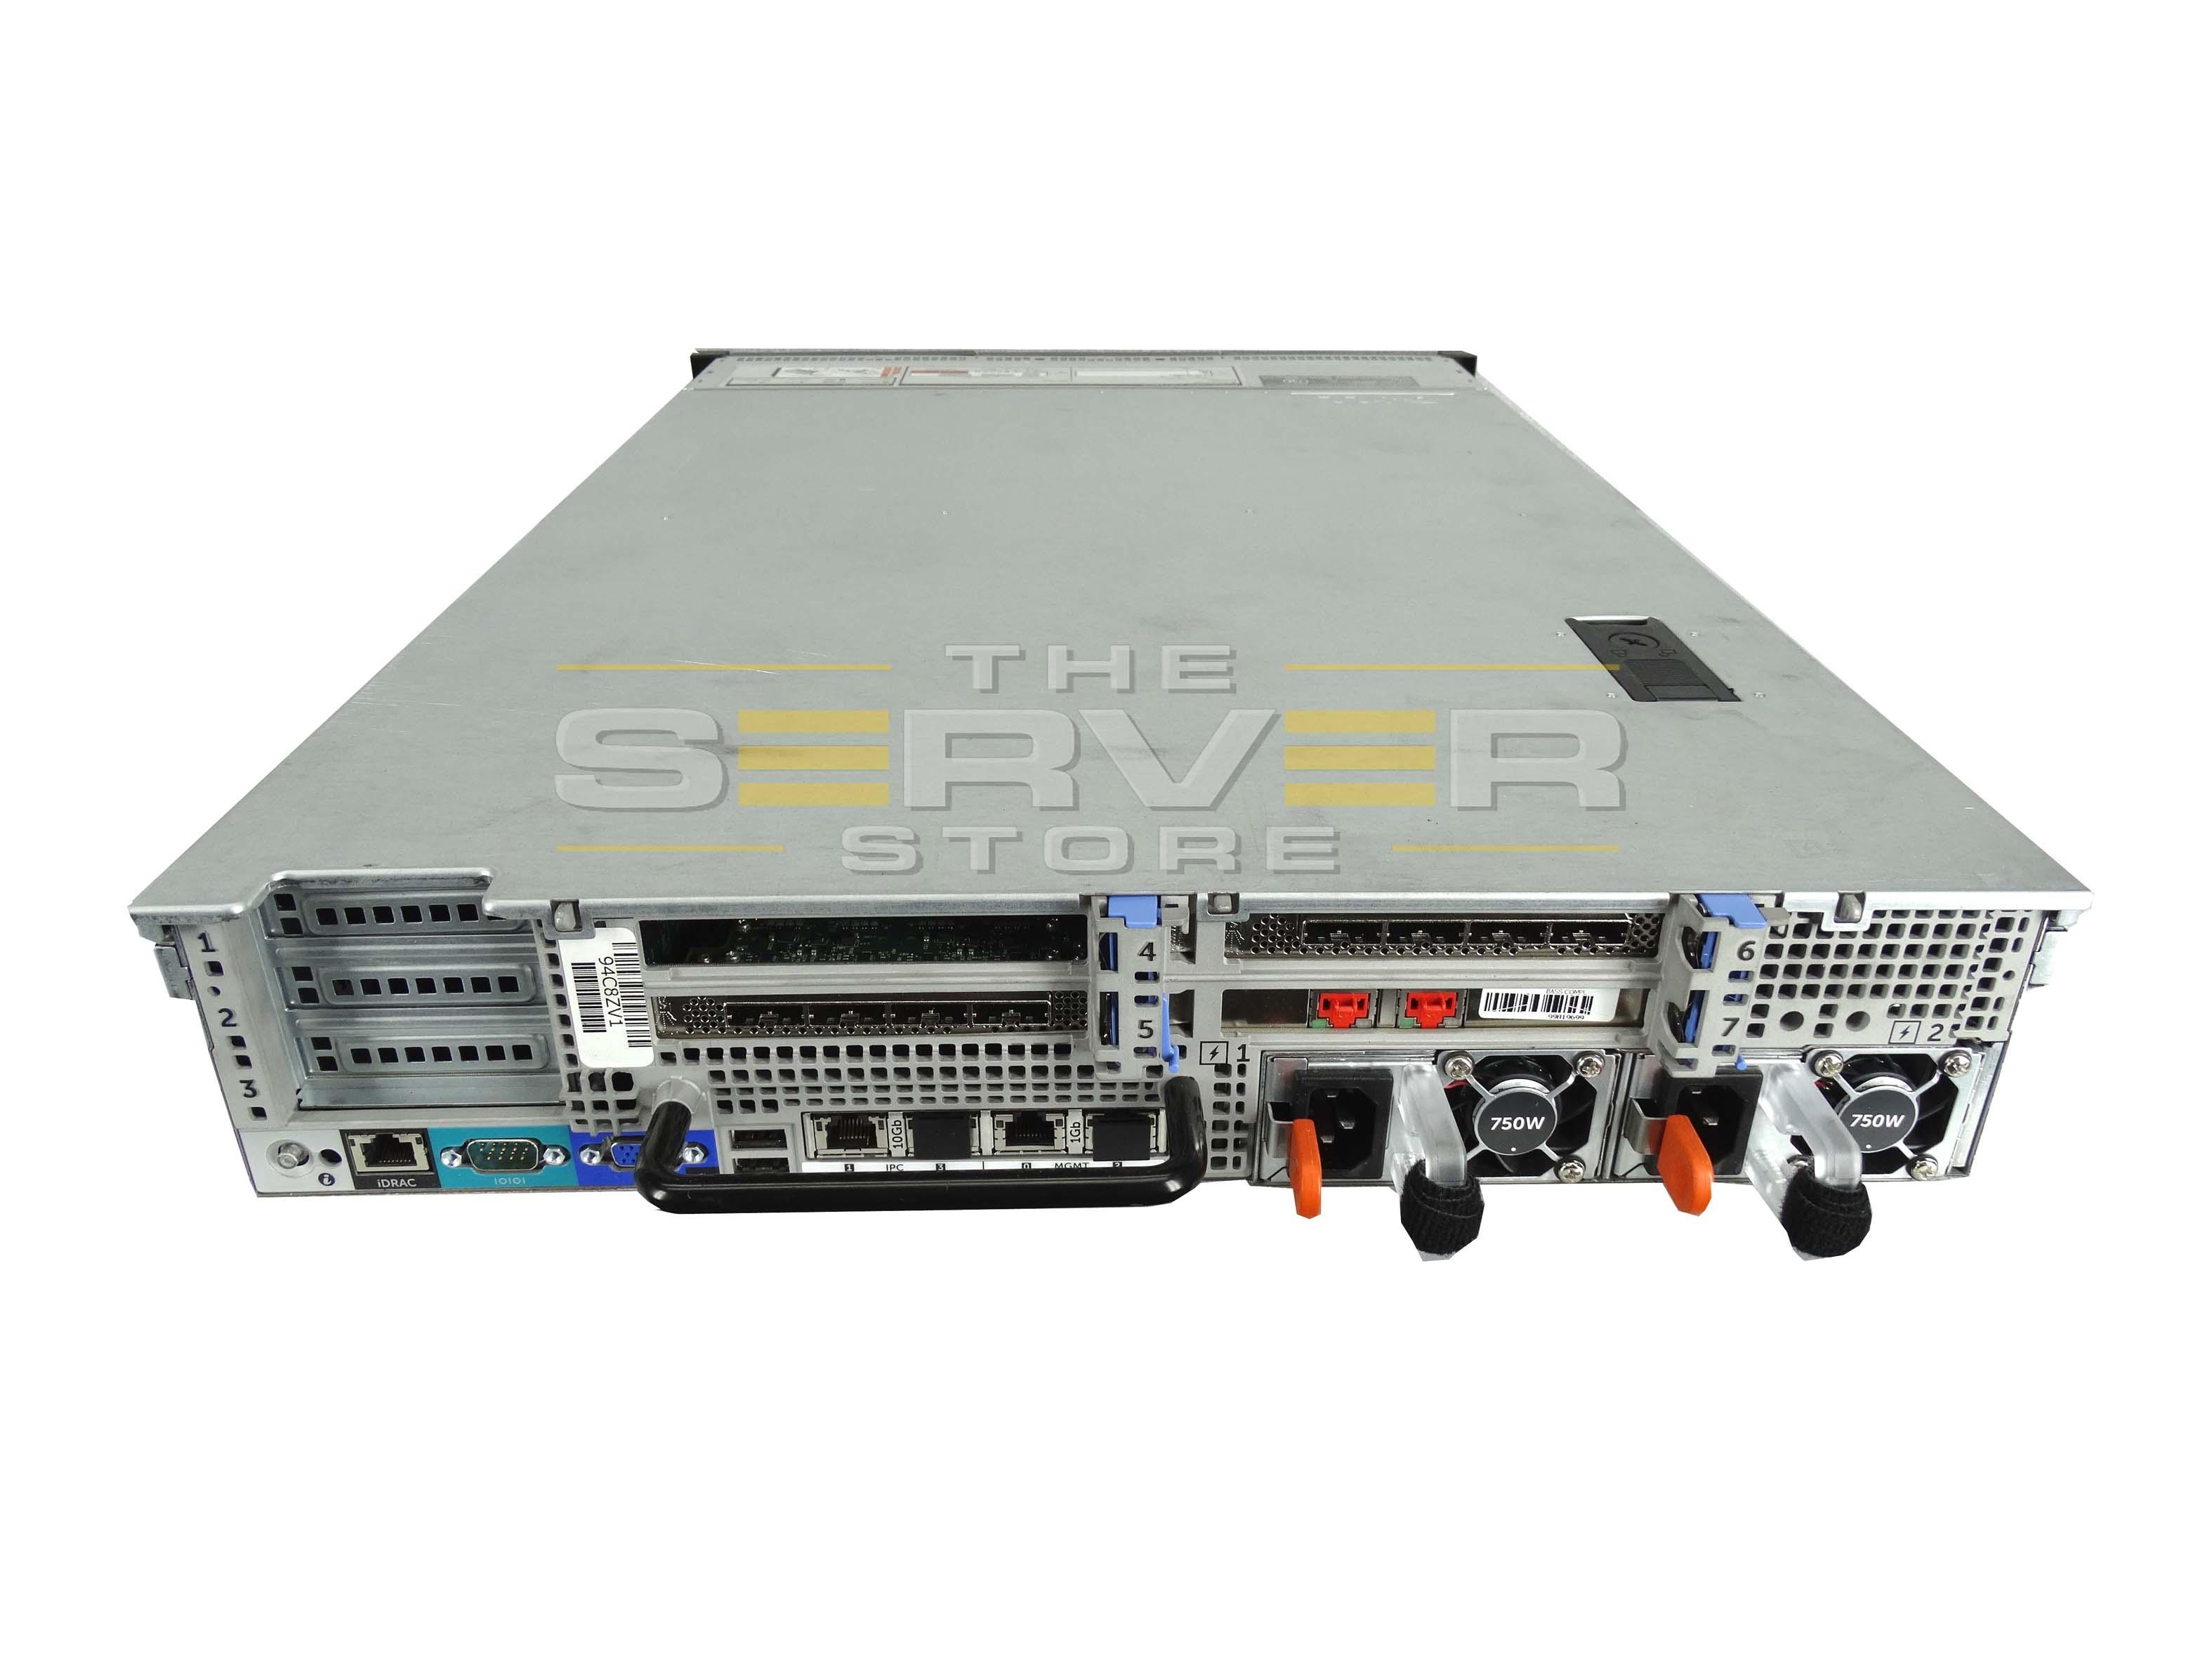 Details about Dell Compellent SC8000 Storage Controller 2x Six Core E5-2640  2 50GHz 64GB Ram